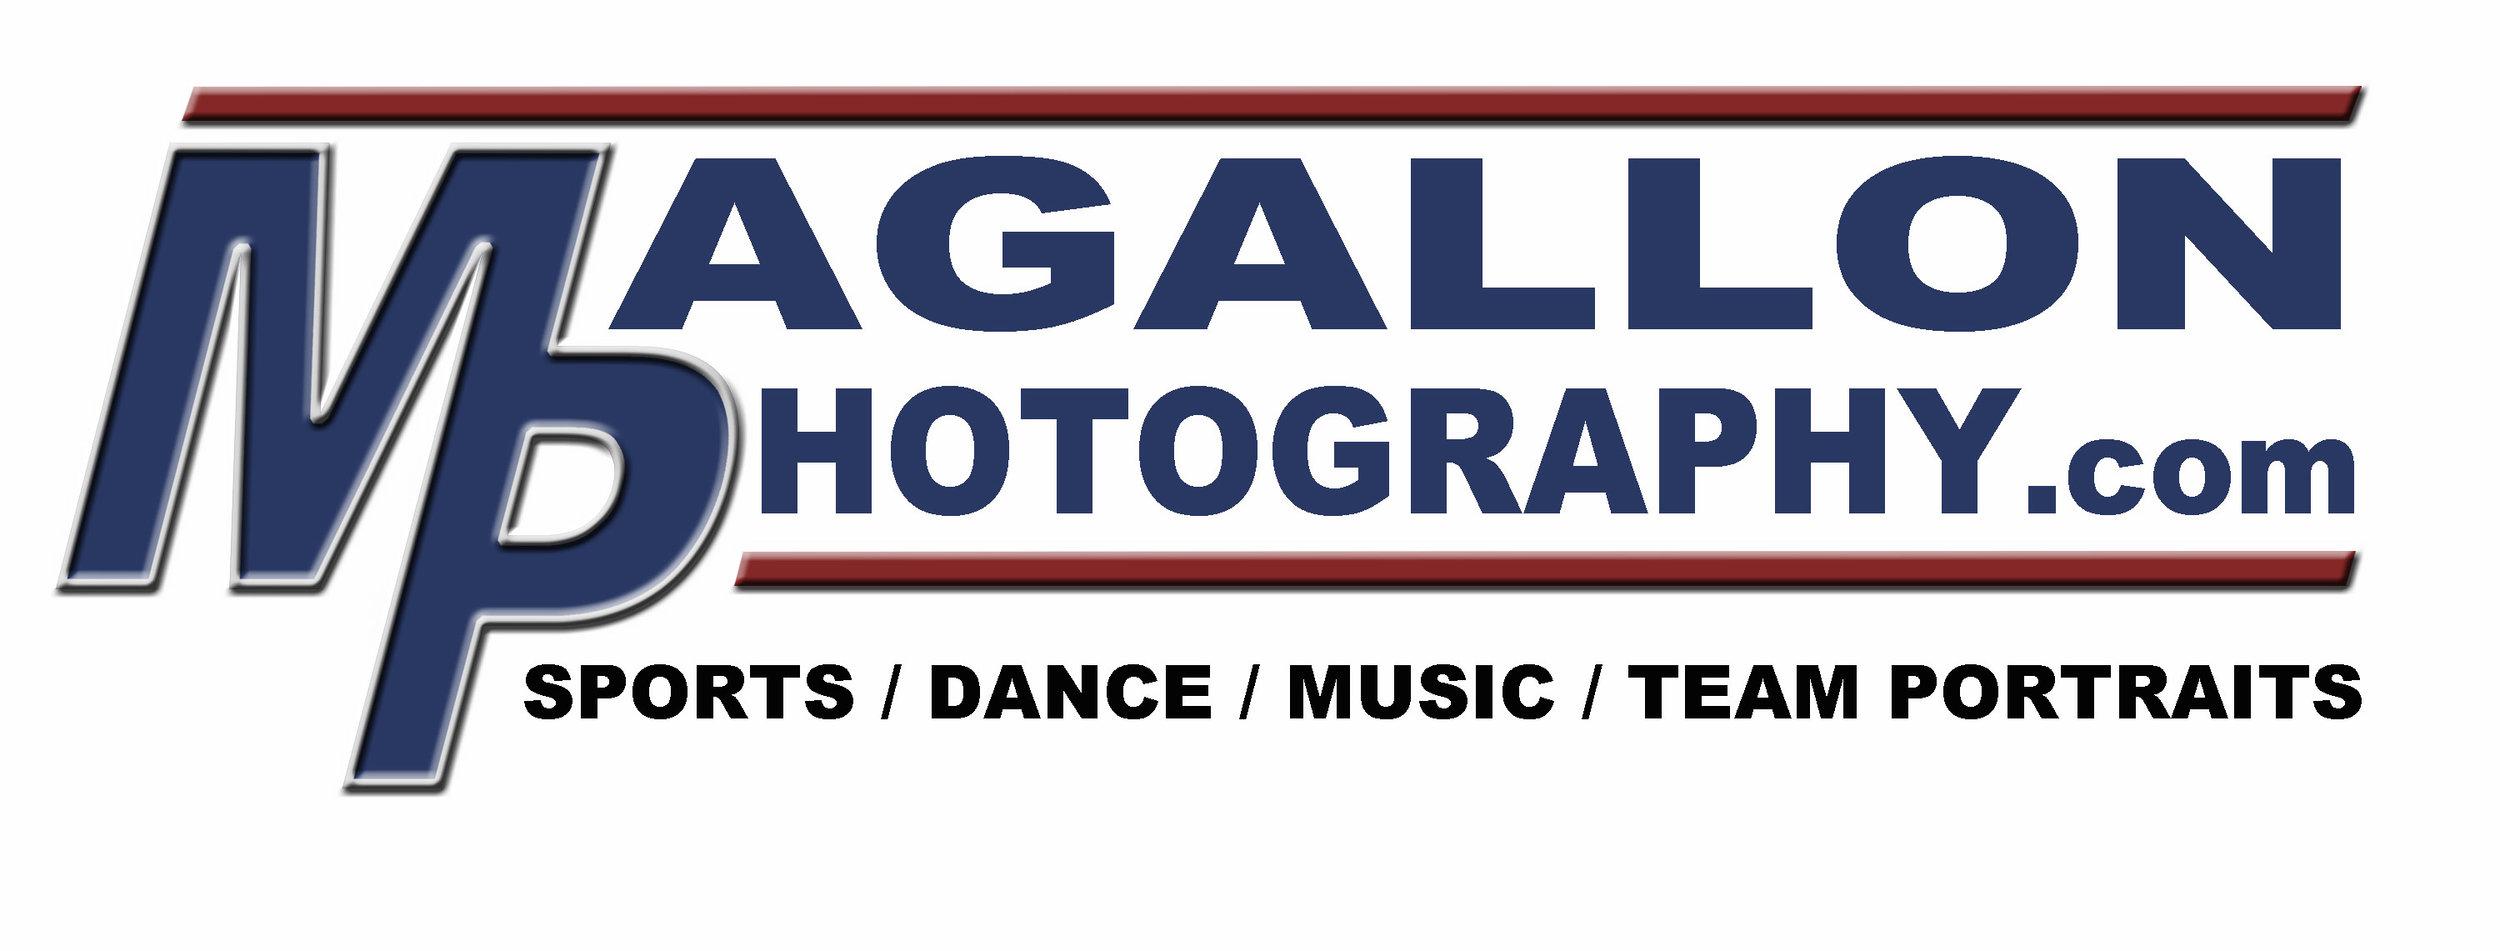 Magallon Photography Loco Action Photos